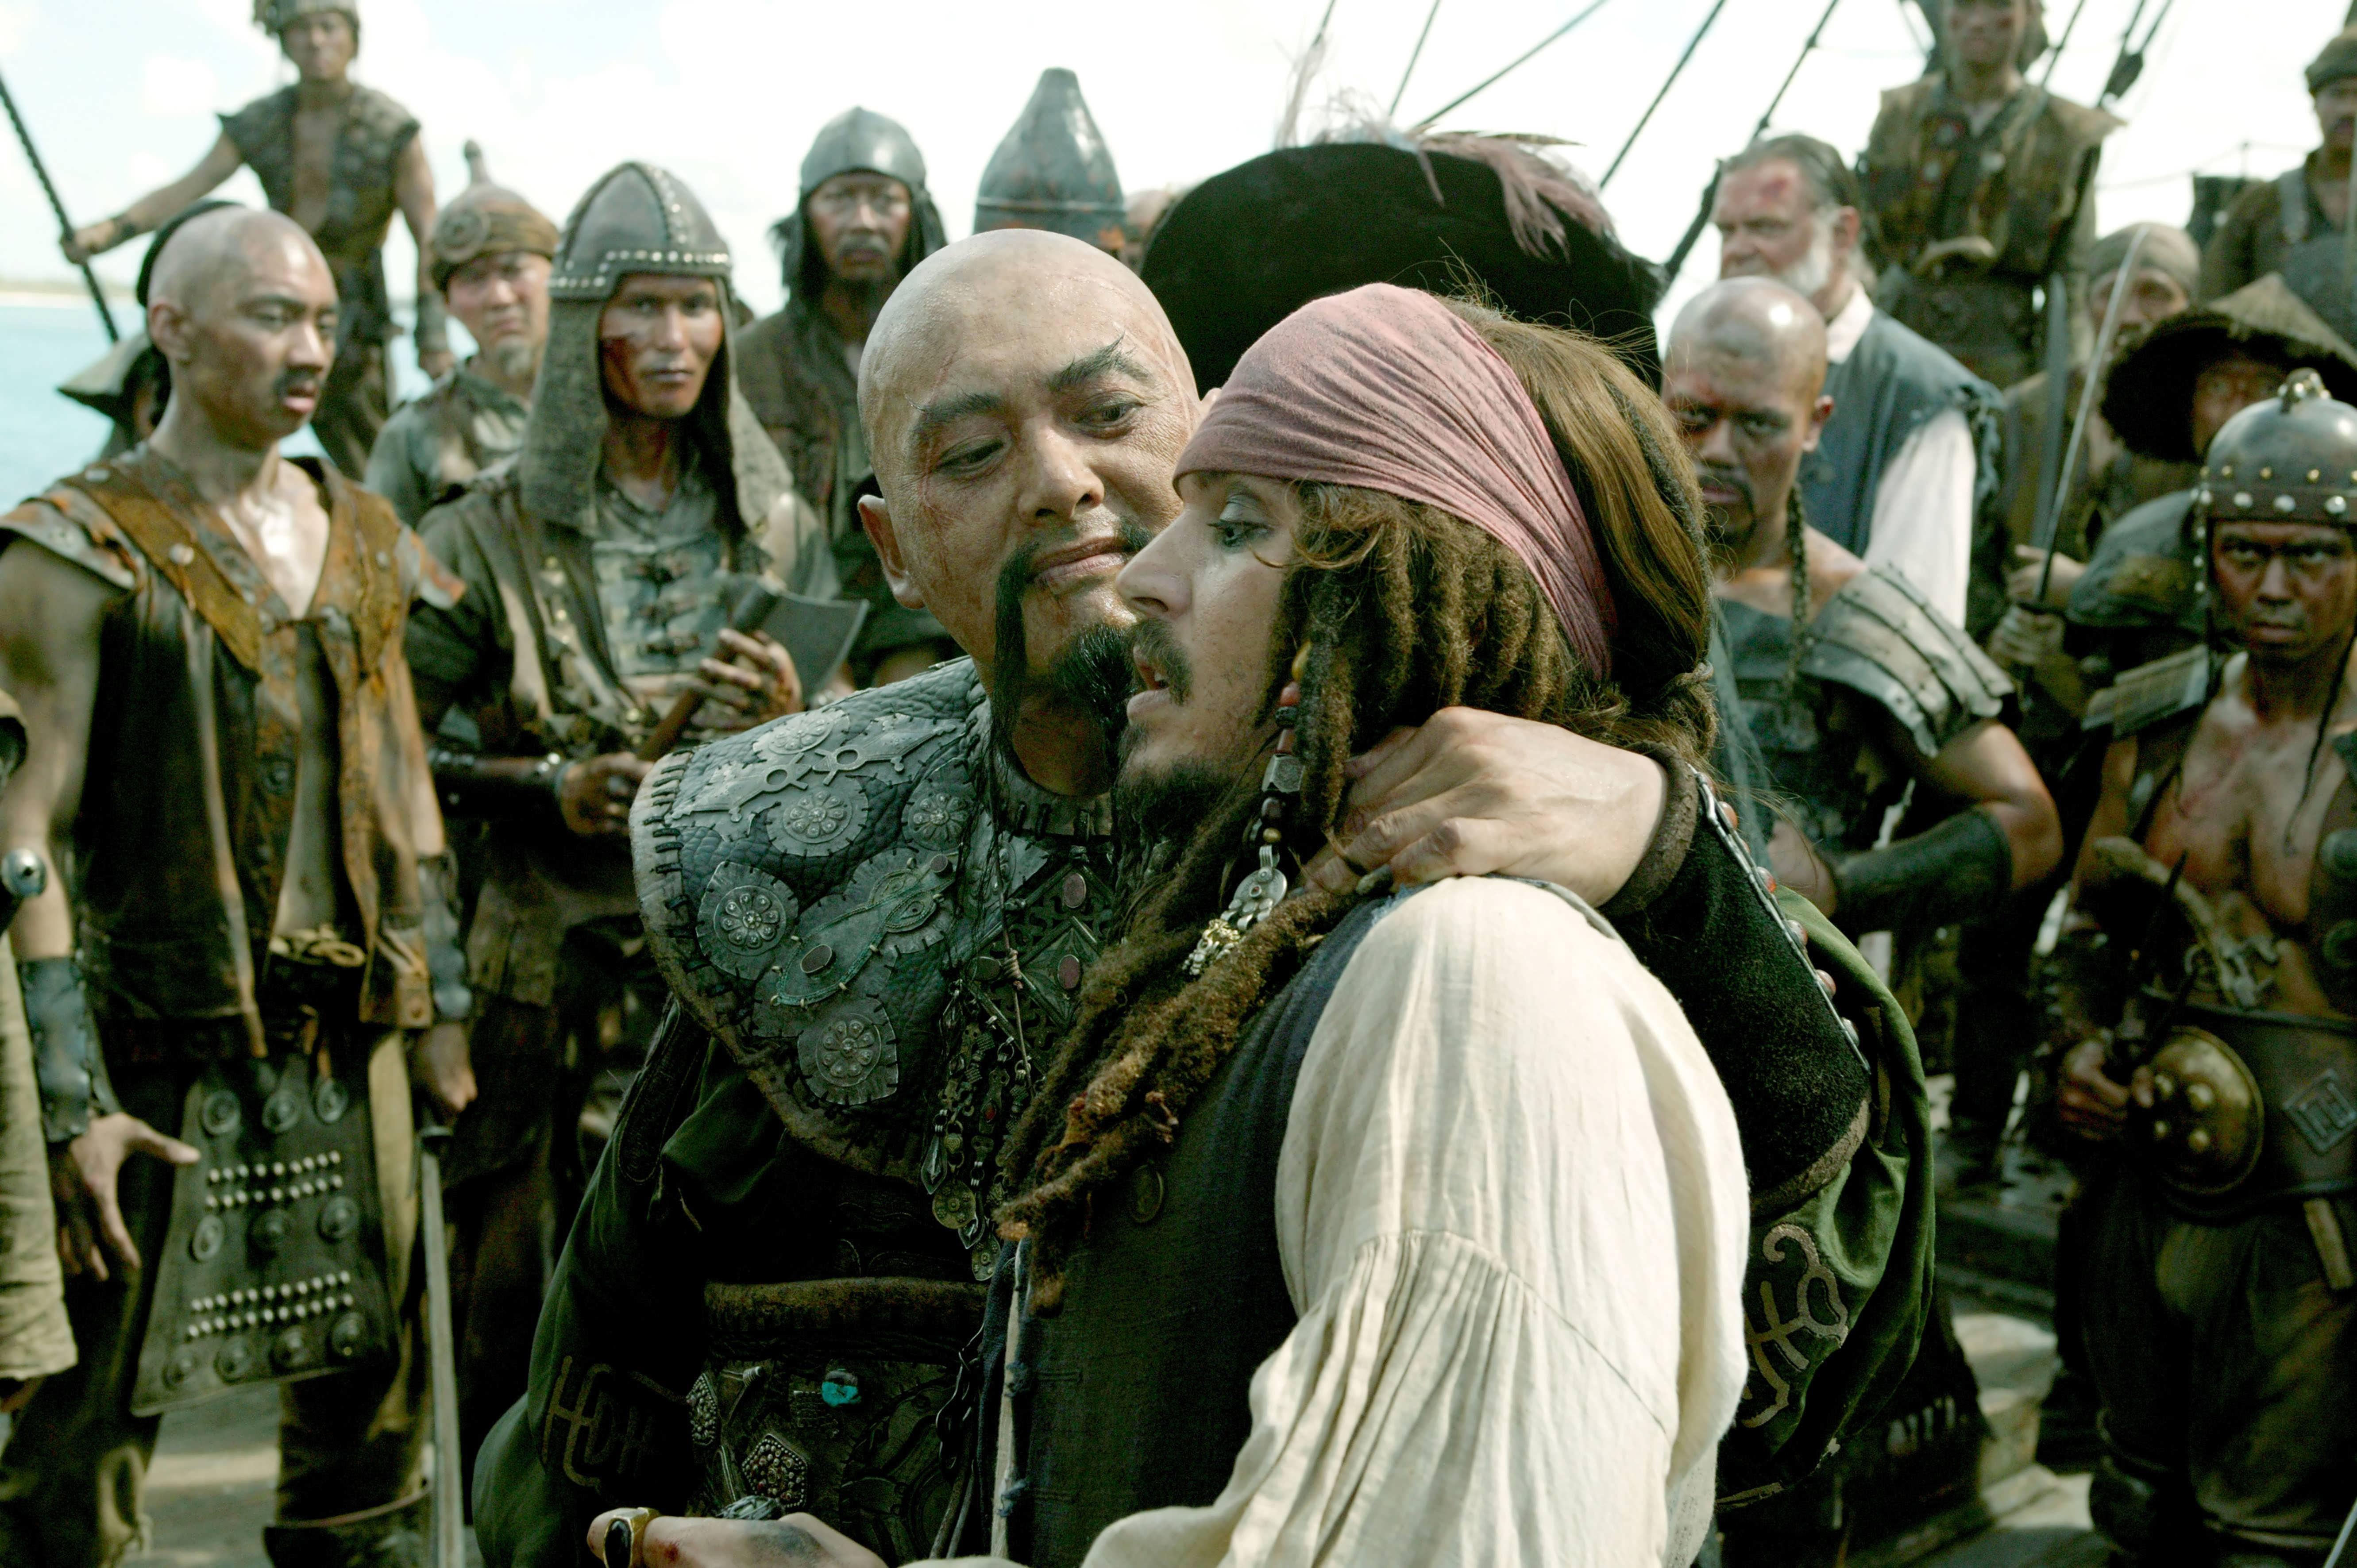 кадры из фильма Пираты Карибского моря: На краю света Кевин МакНэлли, Чоу Юнь-Фат, Джонни Депп,